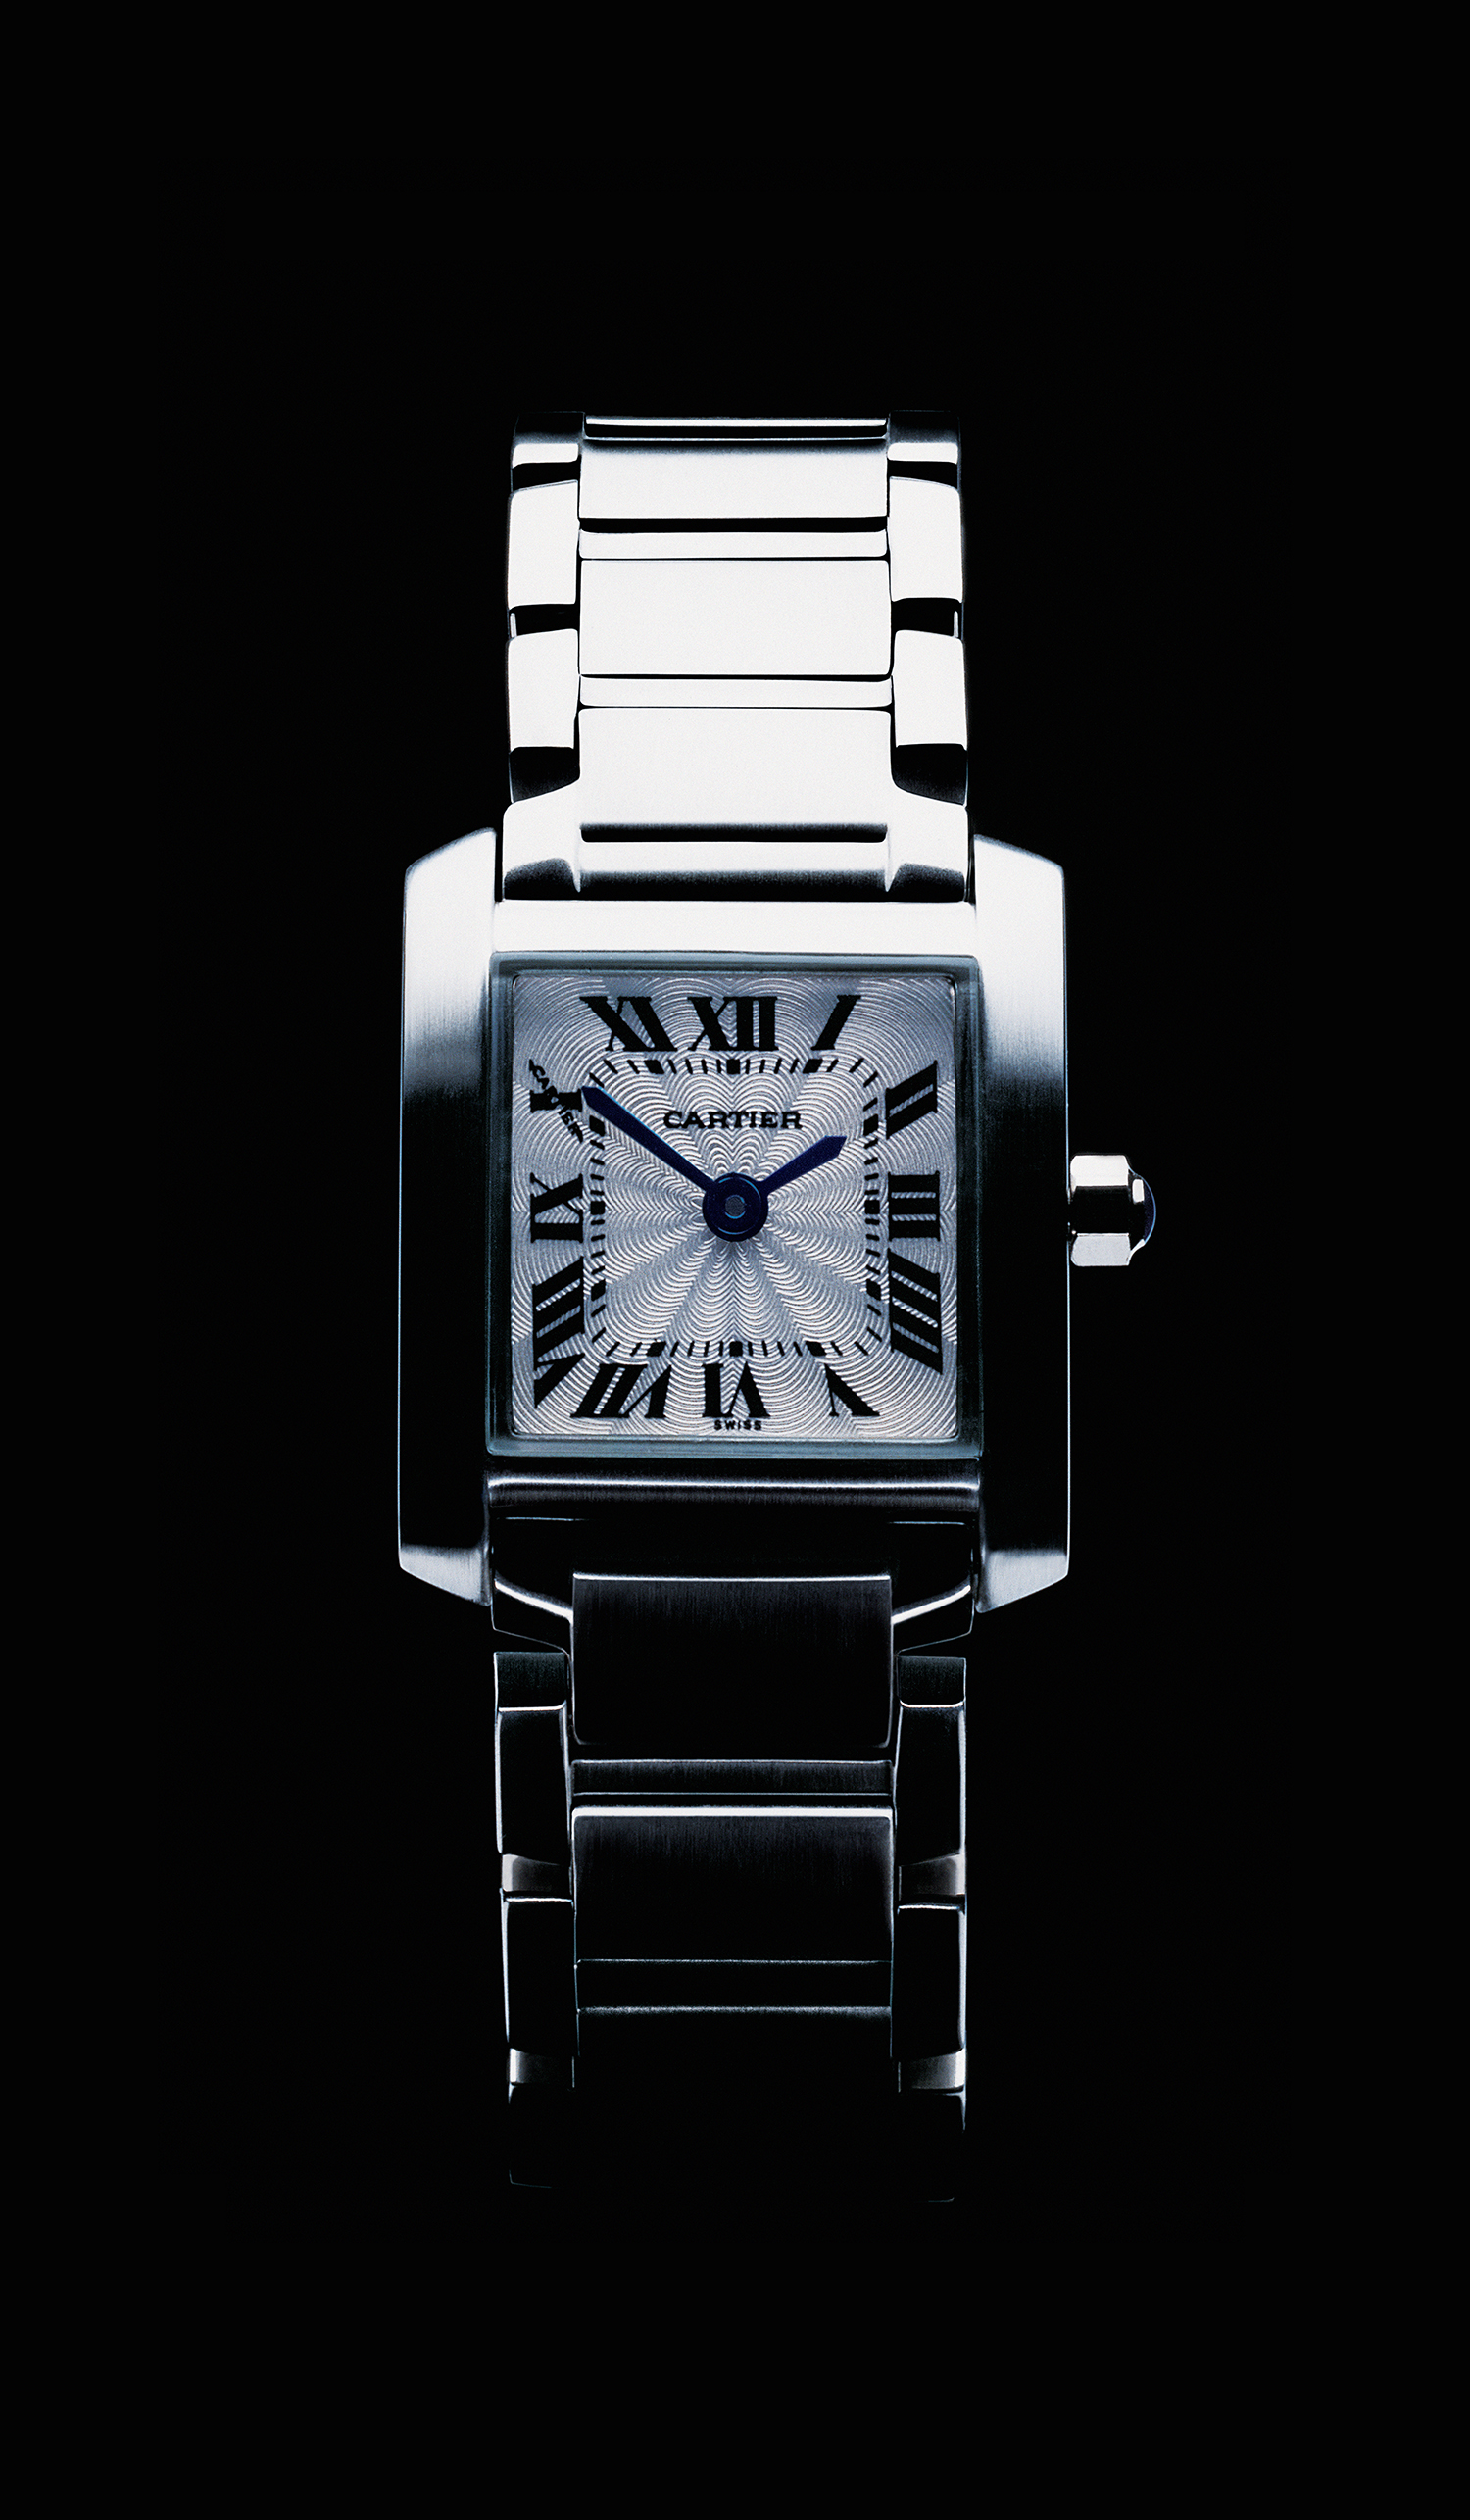 Cartier Tank: R$ 120,00 (série O Que Te Seduz) (detalhe) •  2003/2004 •  Fotografia, impressão digital, recibo de compra •  120 x 70 cm, 30 x 30 cm (díptico)